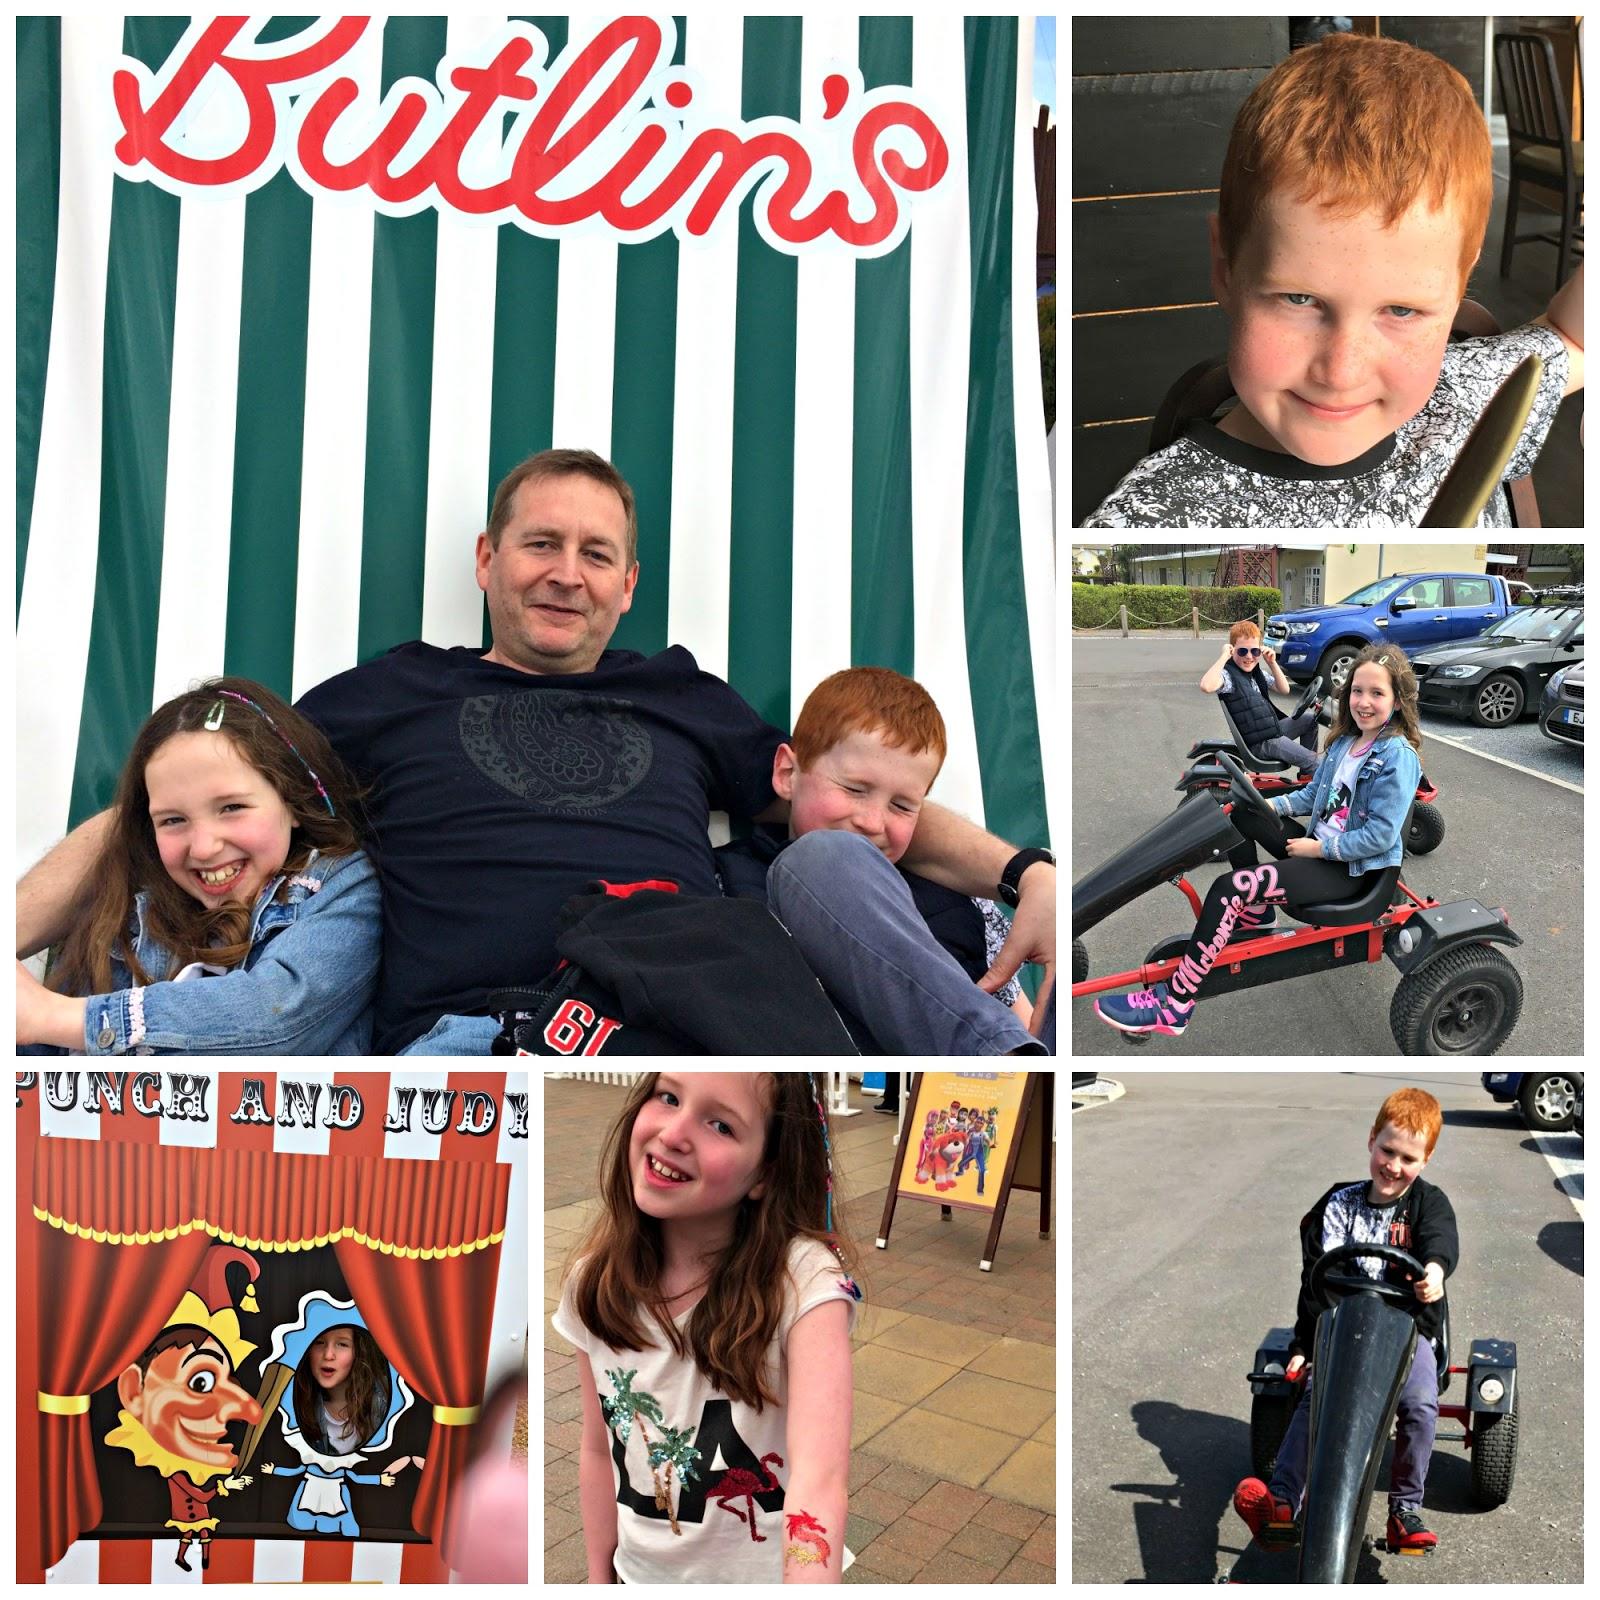 Caitlin, Ieuan and Mathew Hobbis at Butlins Minehead